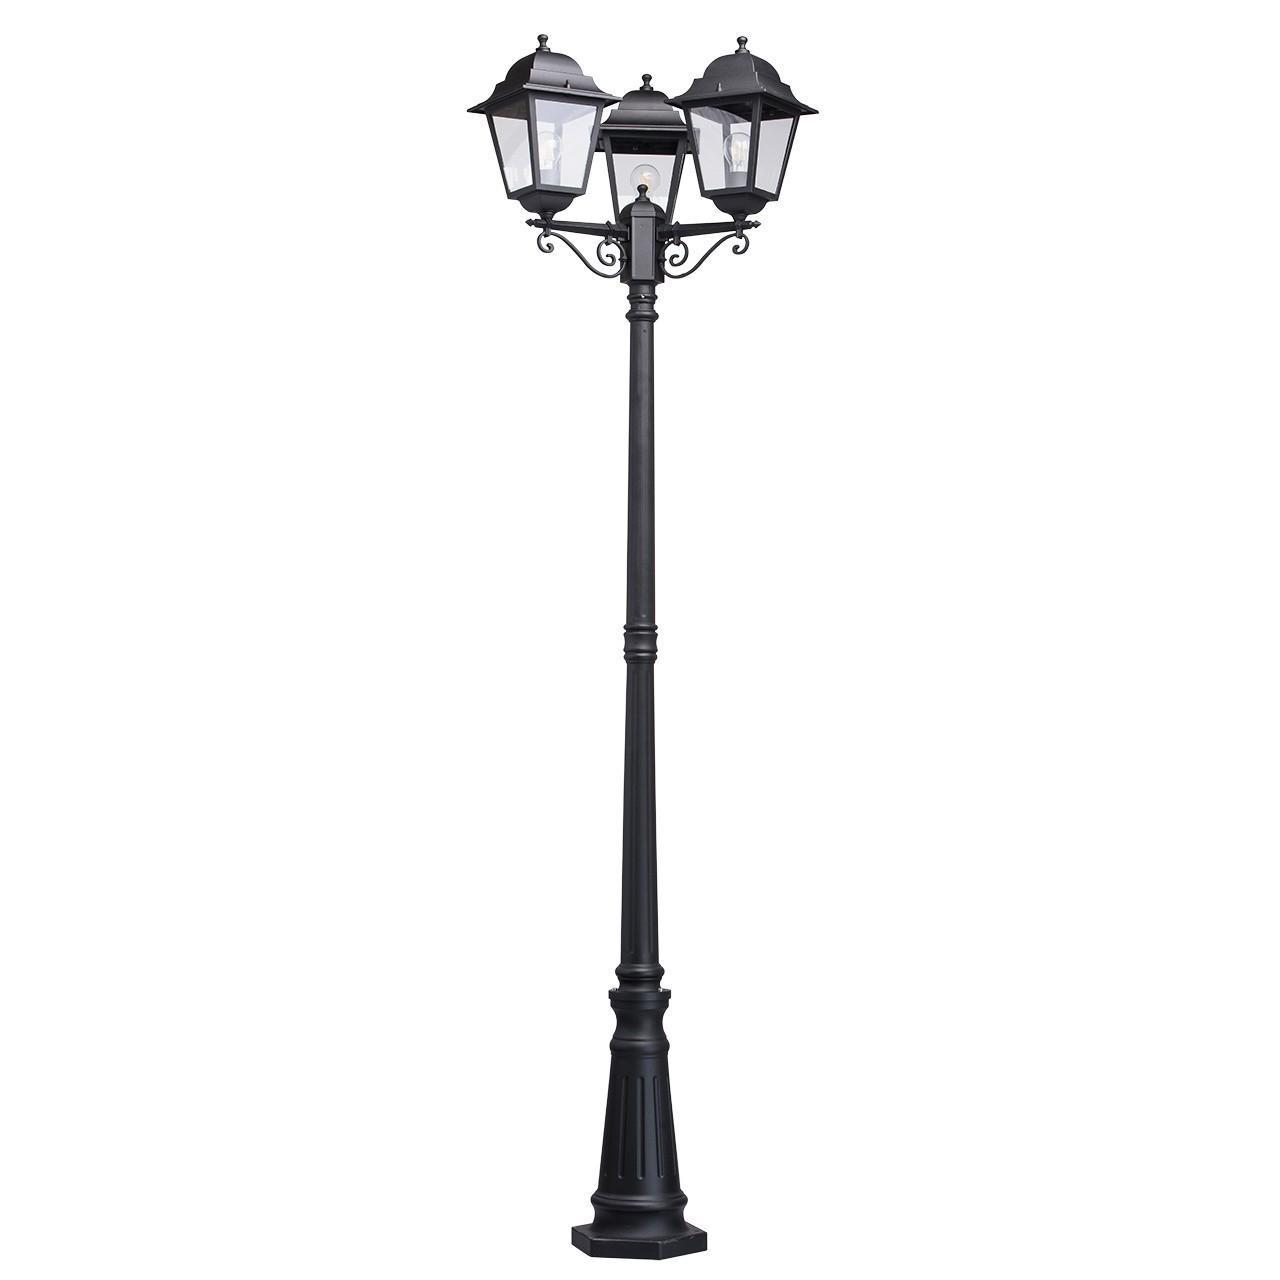 Садово-парковый светильник MW-Light Глазго 2 815041203 mw light садово парковый светильник mw light дубай 805040702